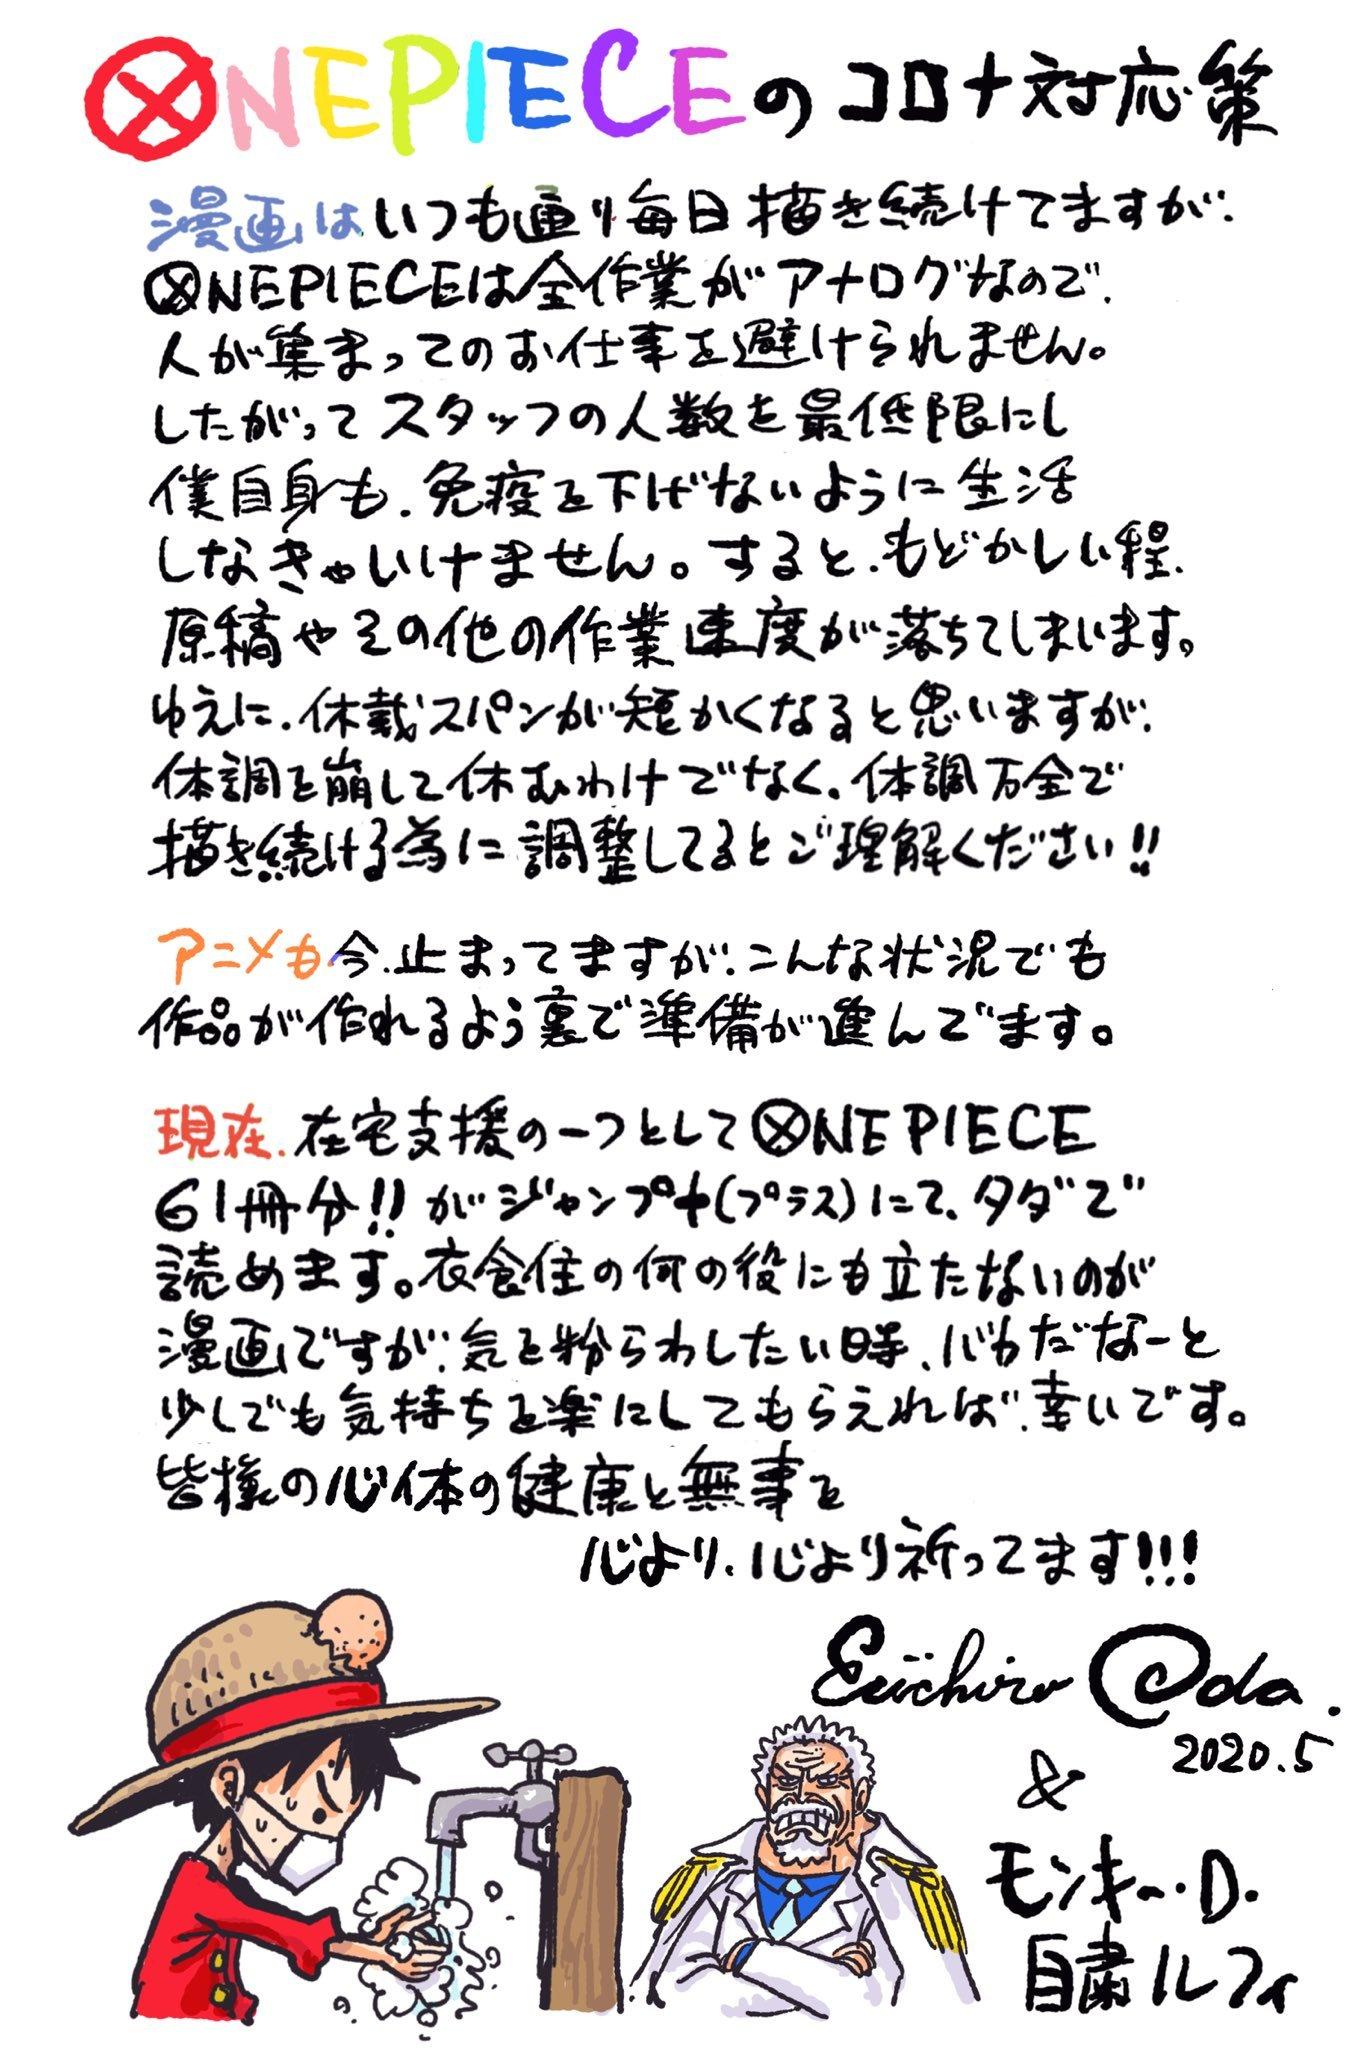 Eiichiro_Staff 1257883057245220870_p0